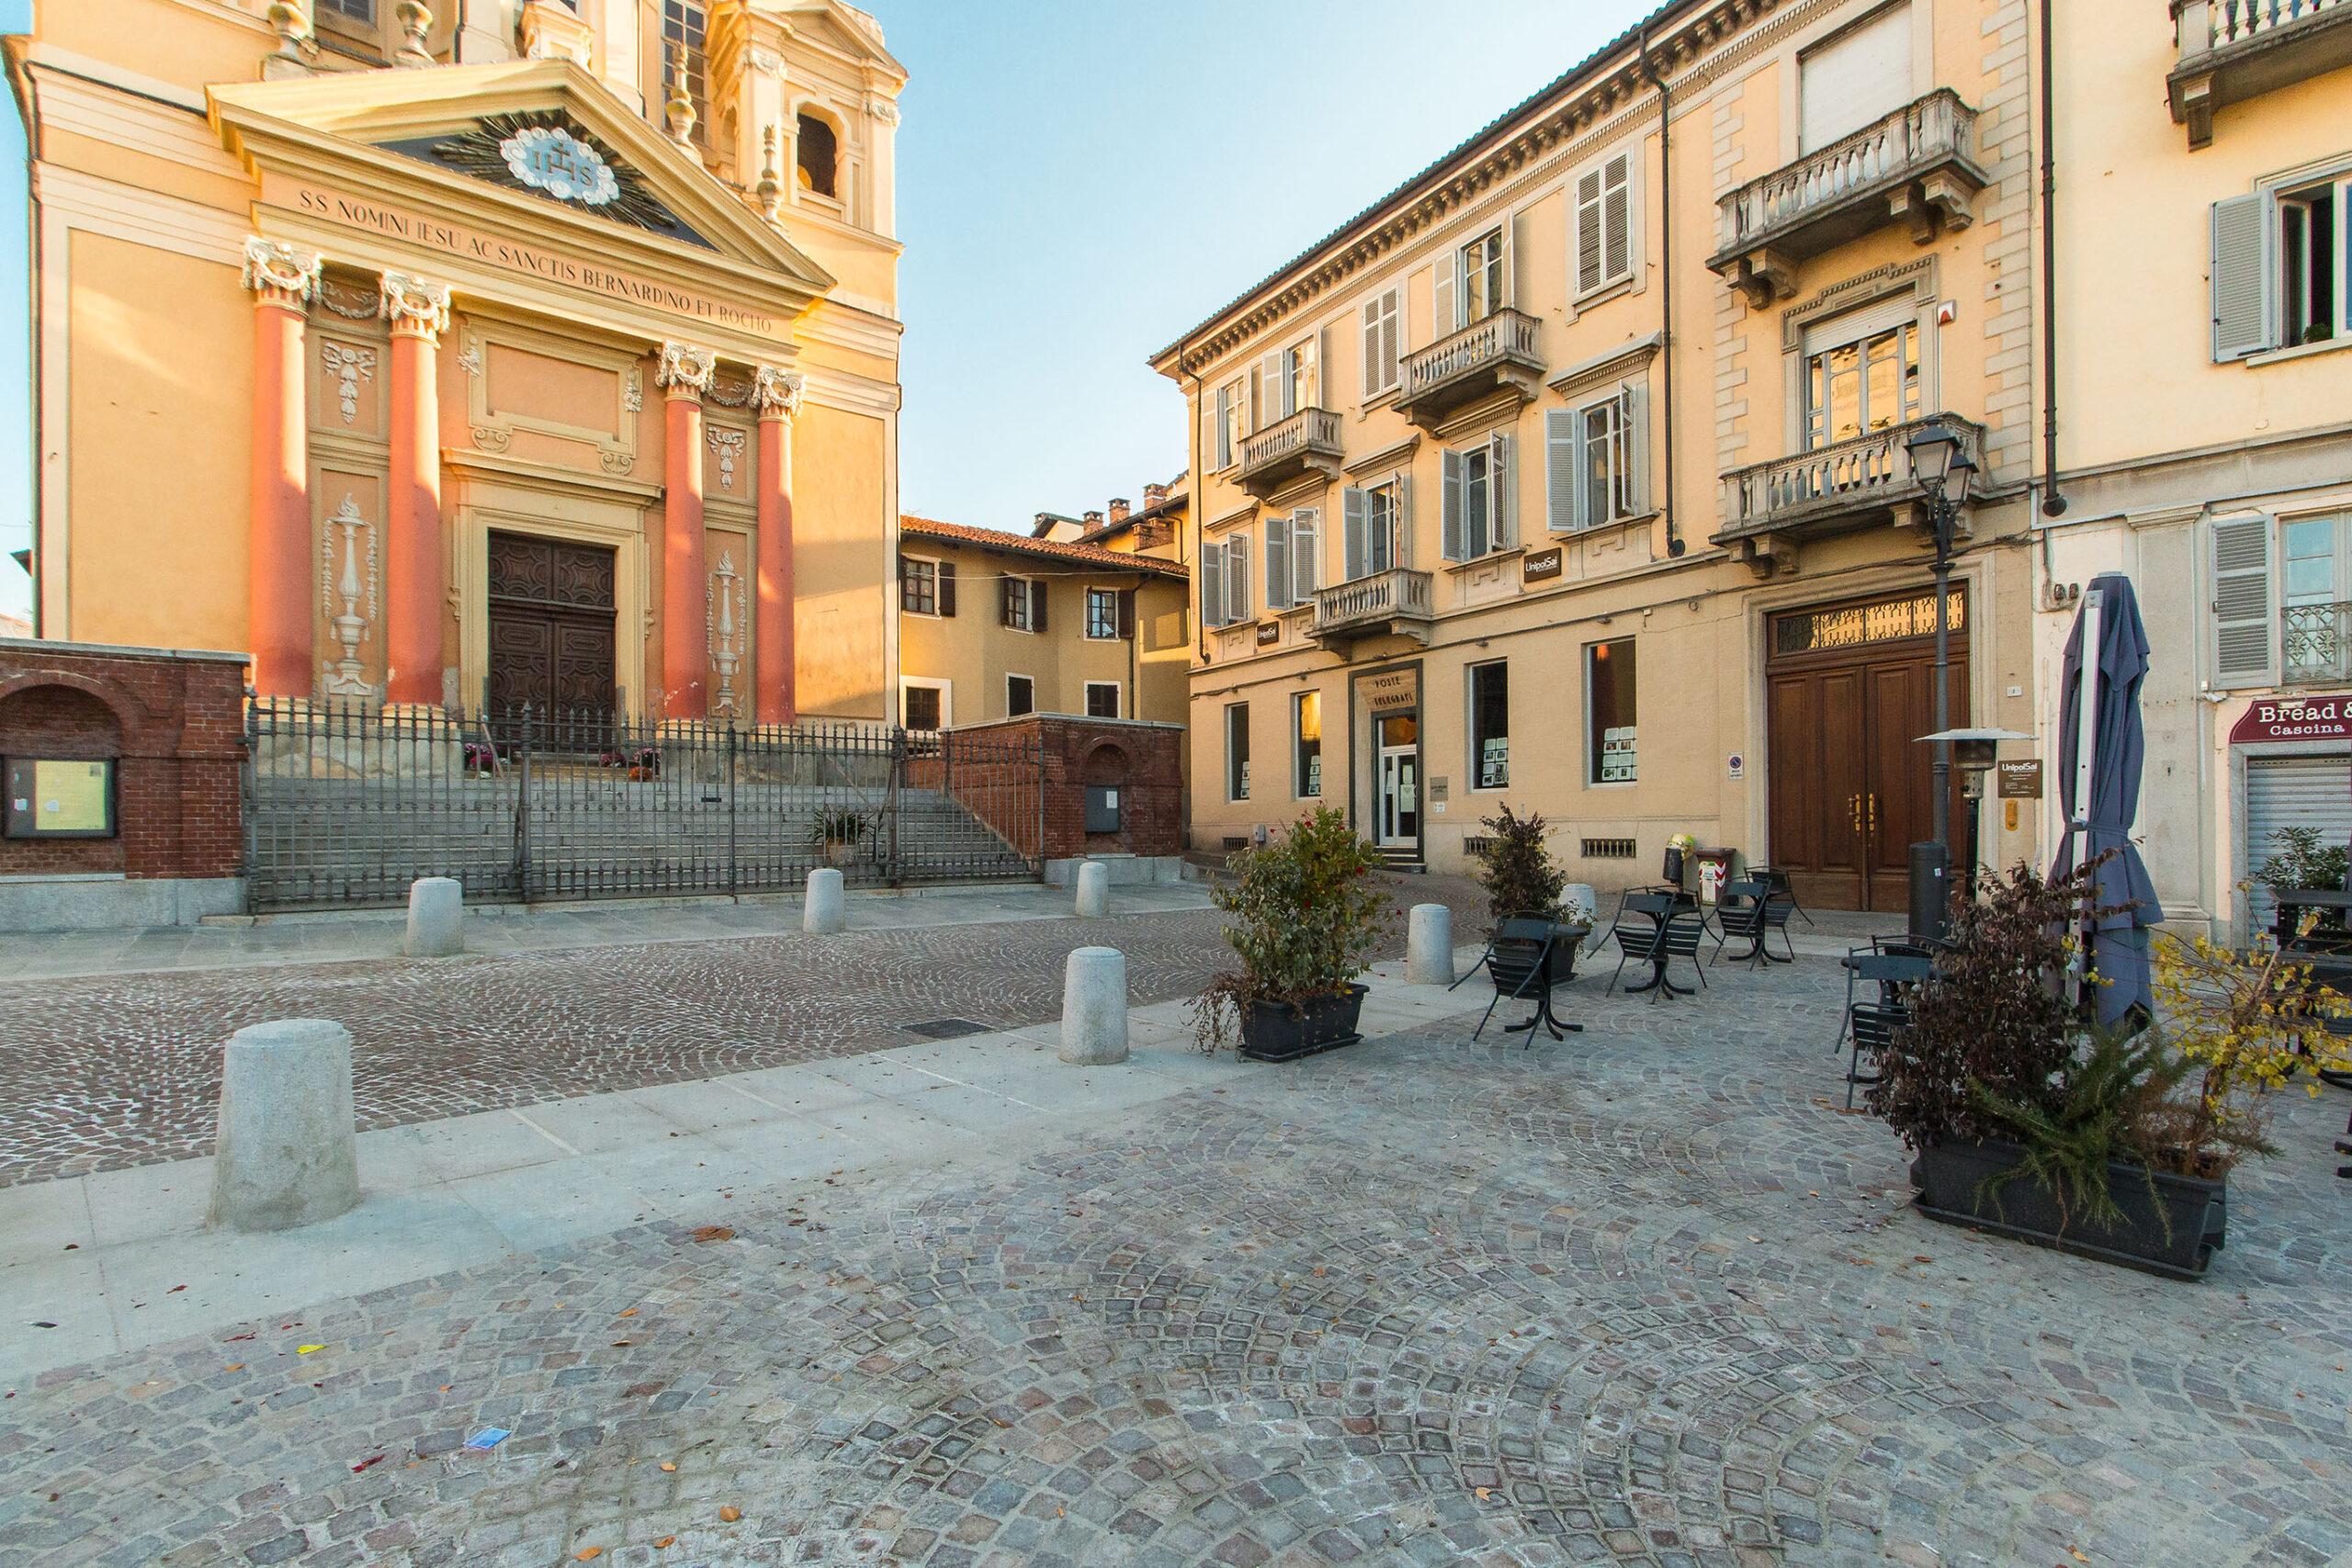 Ufficio: Via Michele Diverio, 1, Chieri, Torino